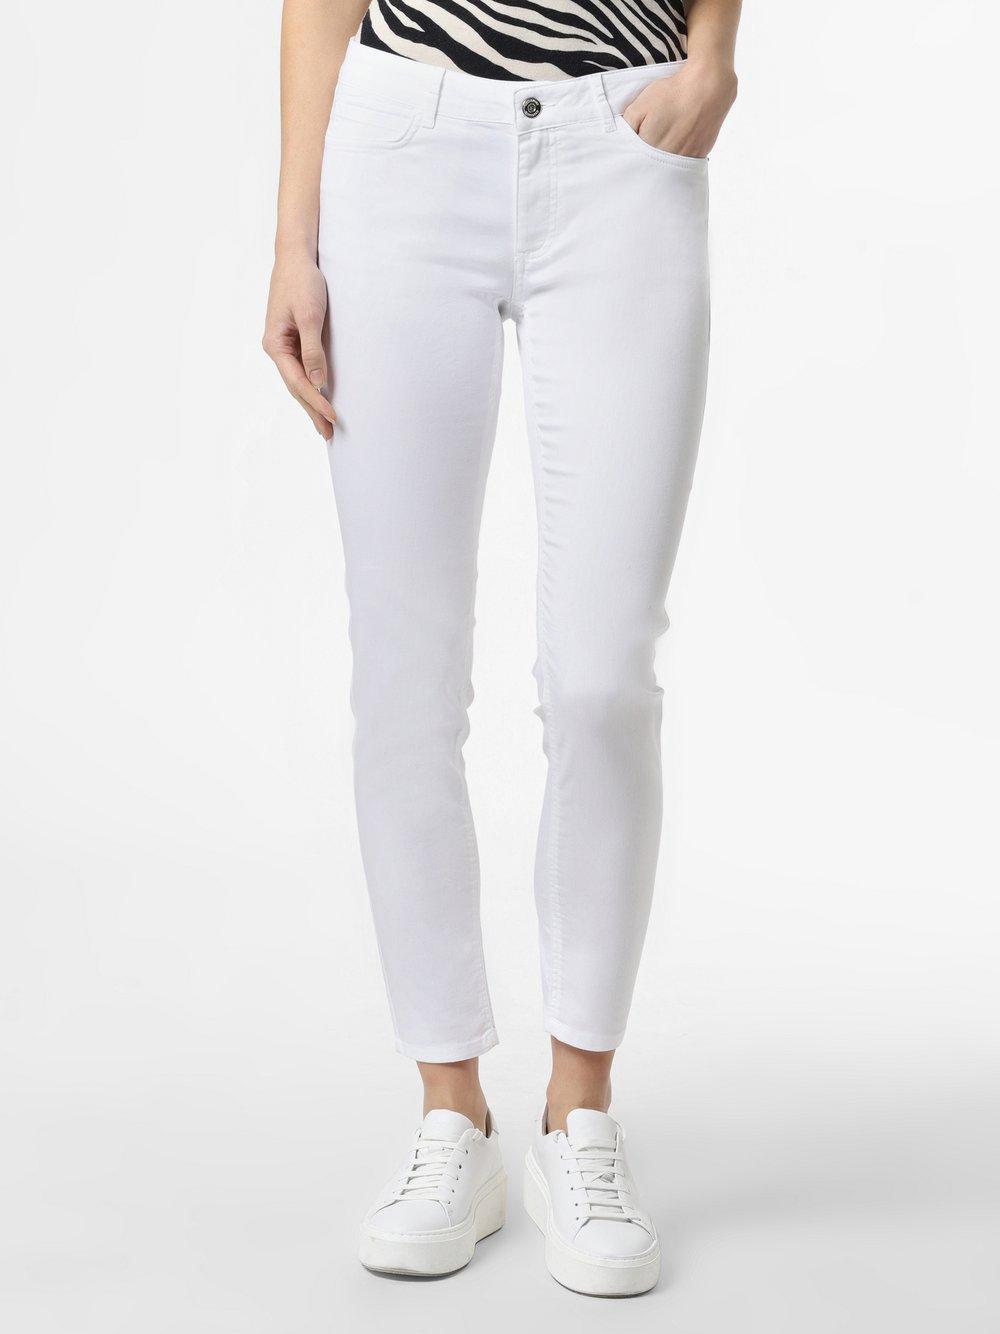 More & More - Spodnie damskie, biały